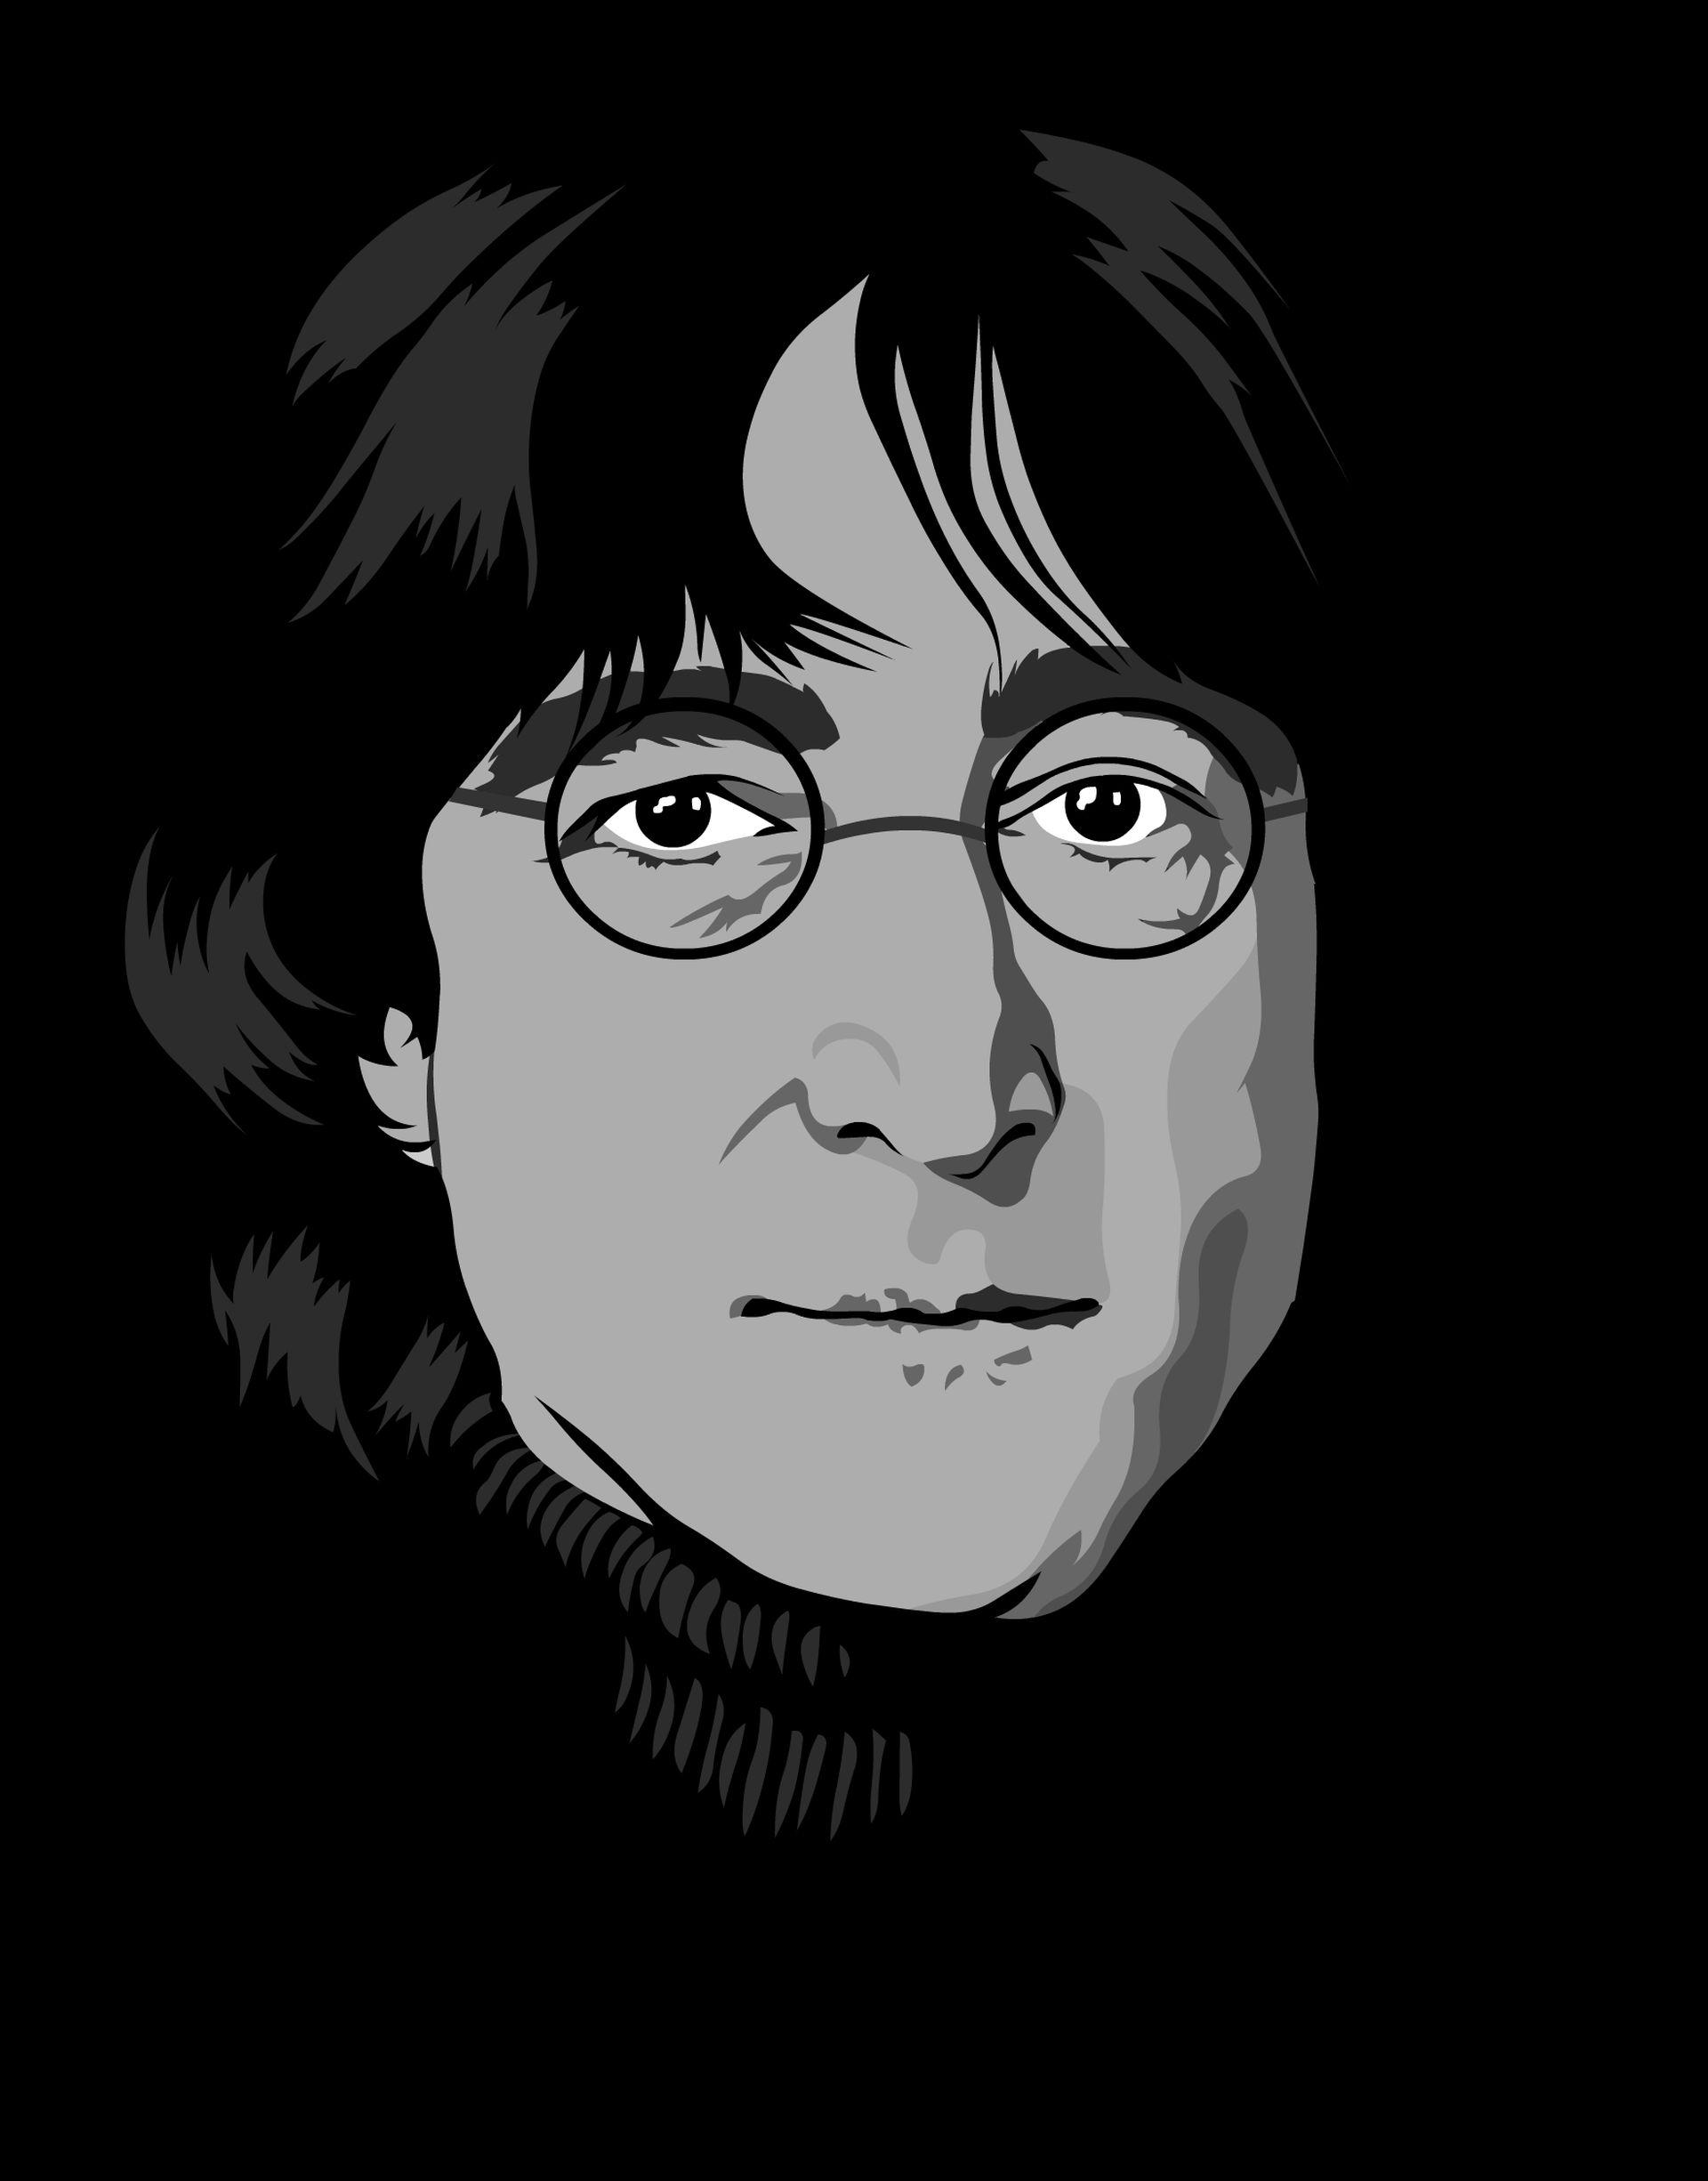 Ubojici Johna Lennona deveti put odbijena uvjetna sloboda